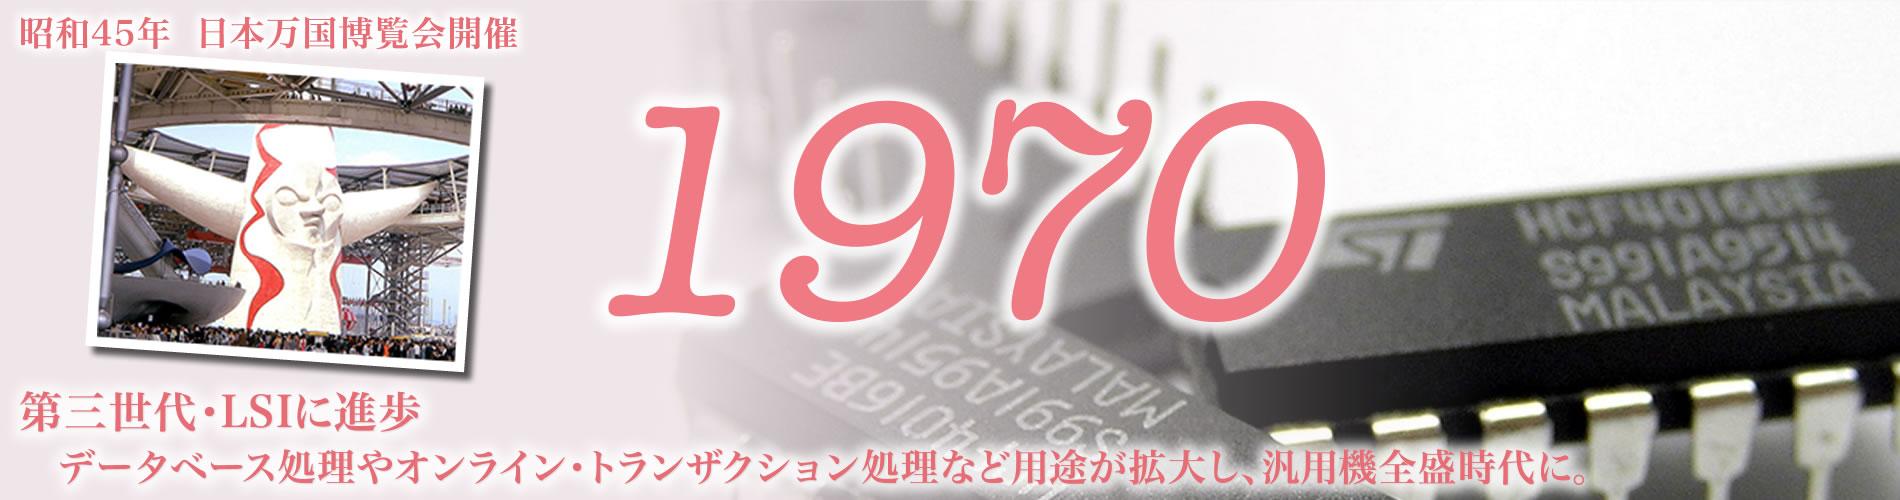 1970年、コンピュータは第三世代LSIに進化